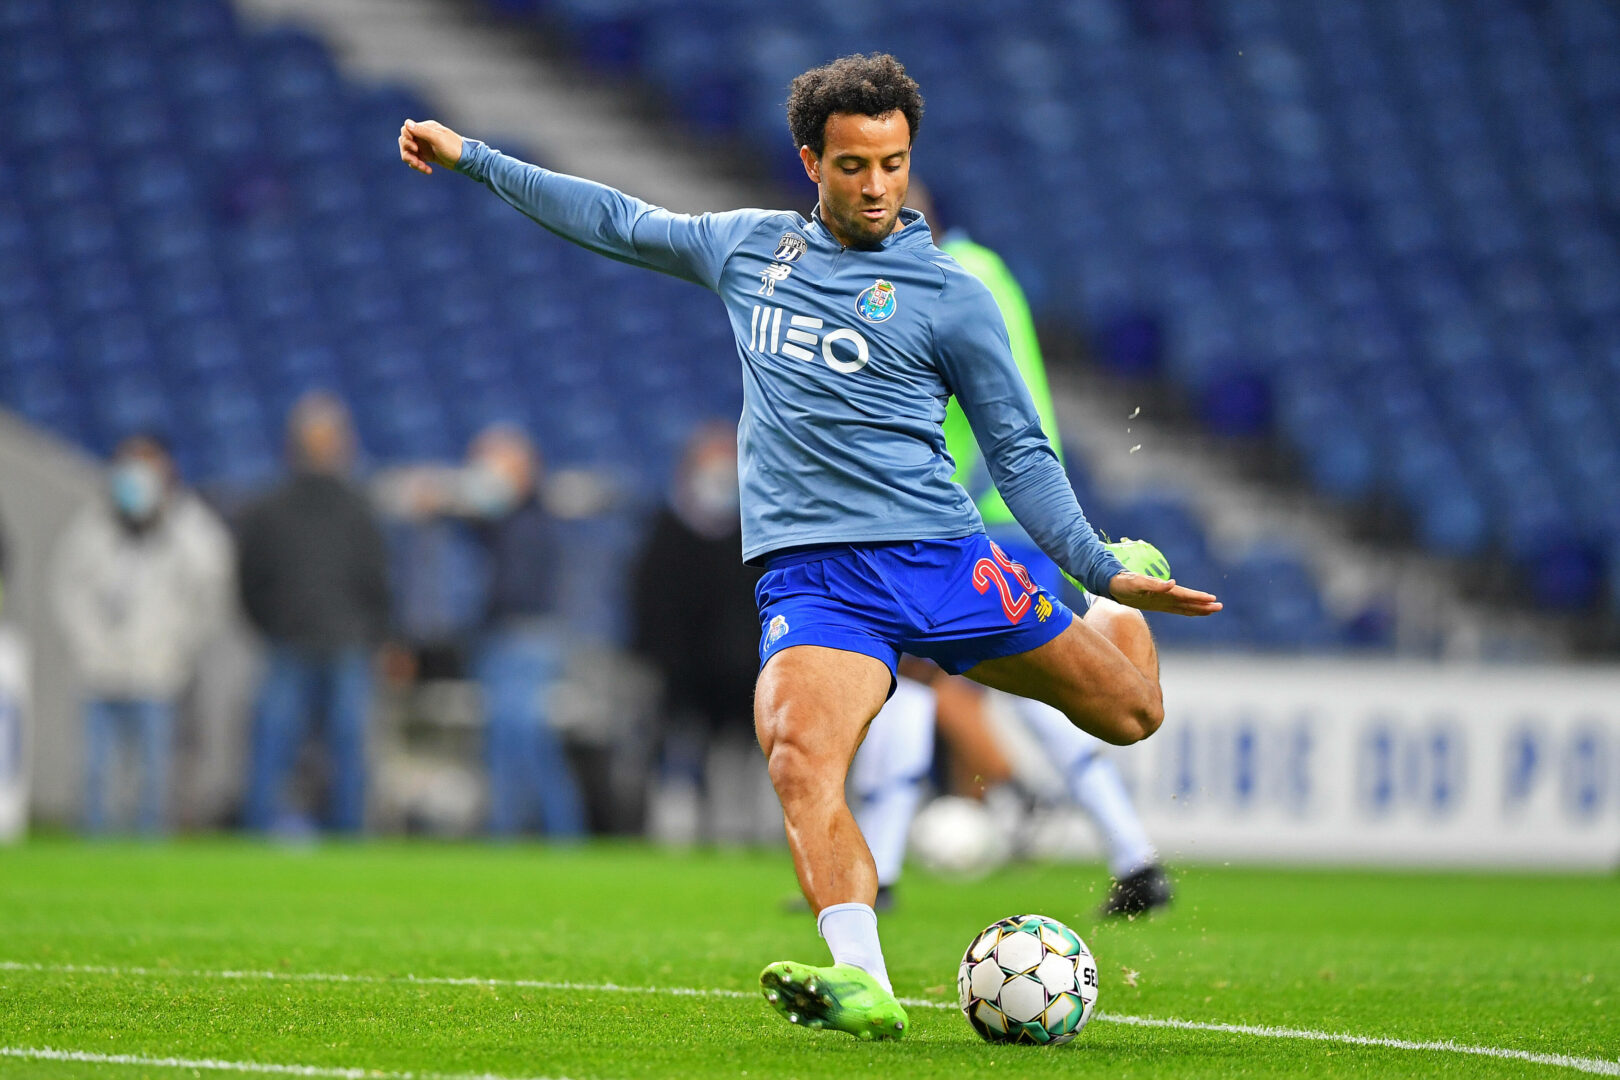 Bestätigt: Lazio holt Felipe Anderson von West Ham zurück